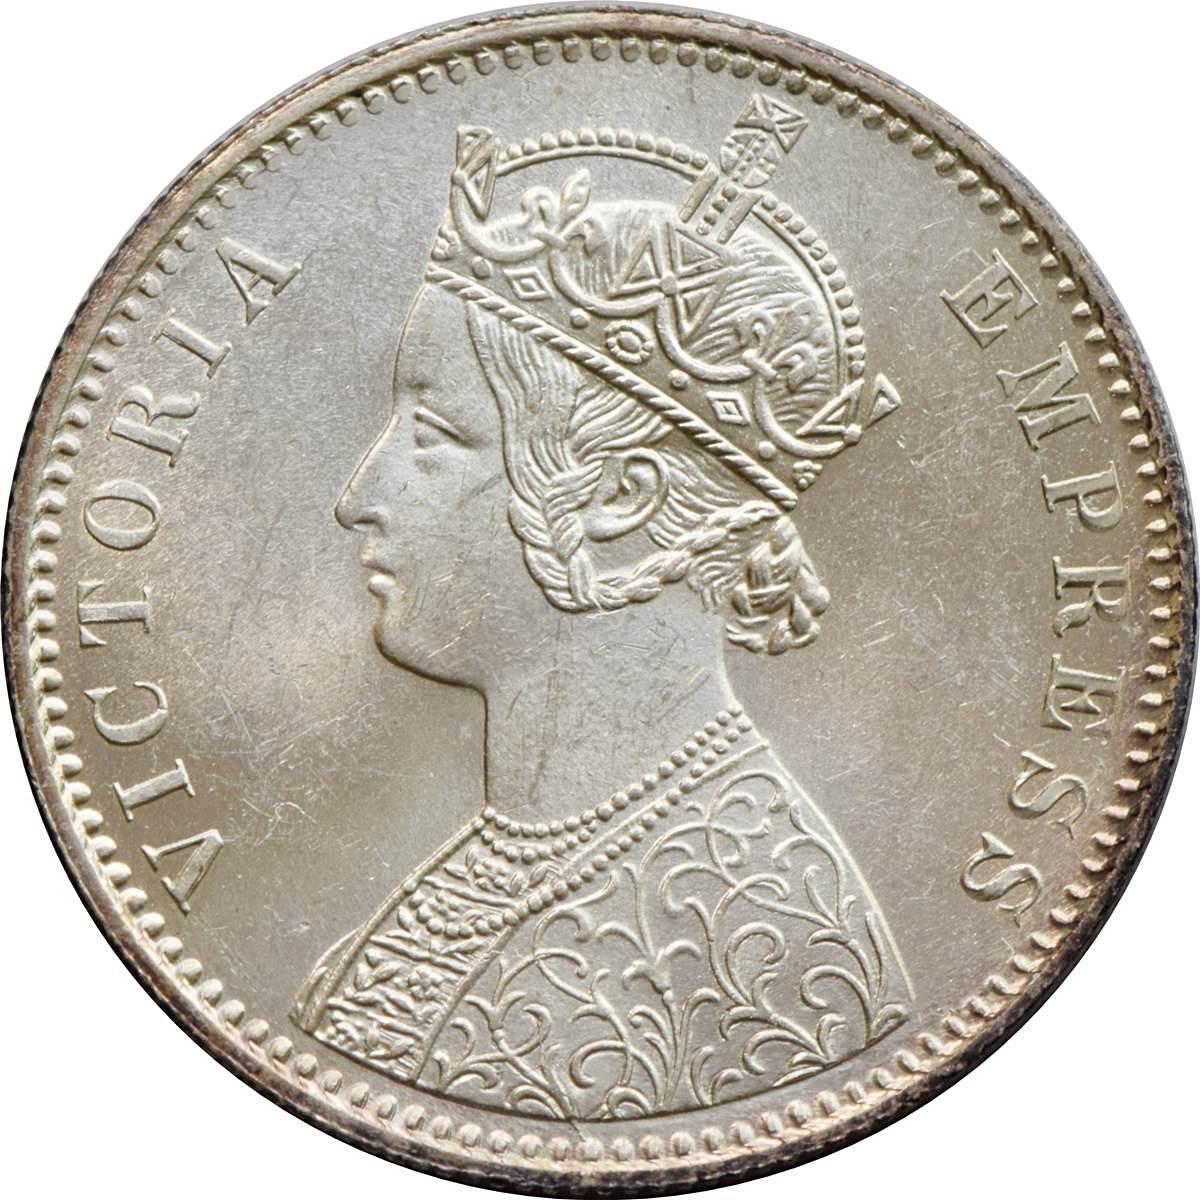 1 Rupee - Victoria - India - British – Numista